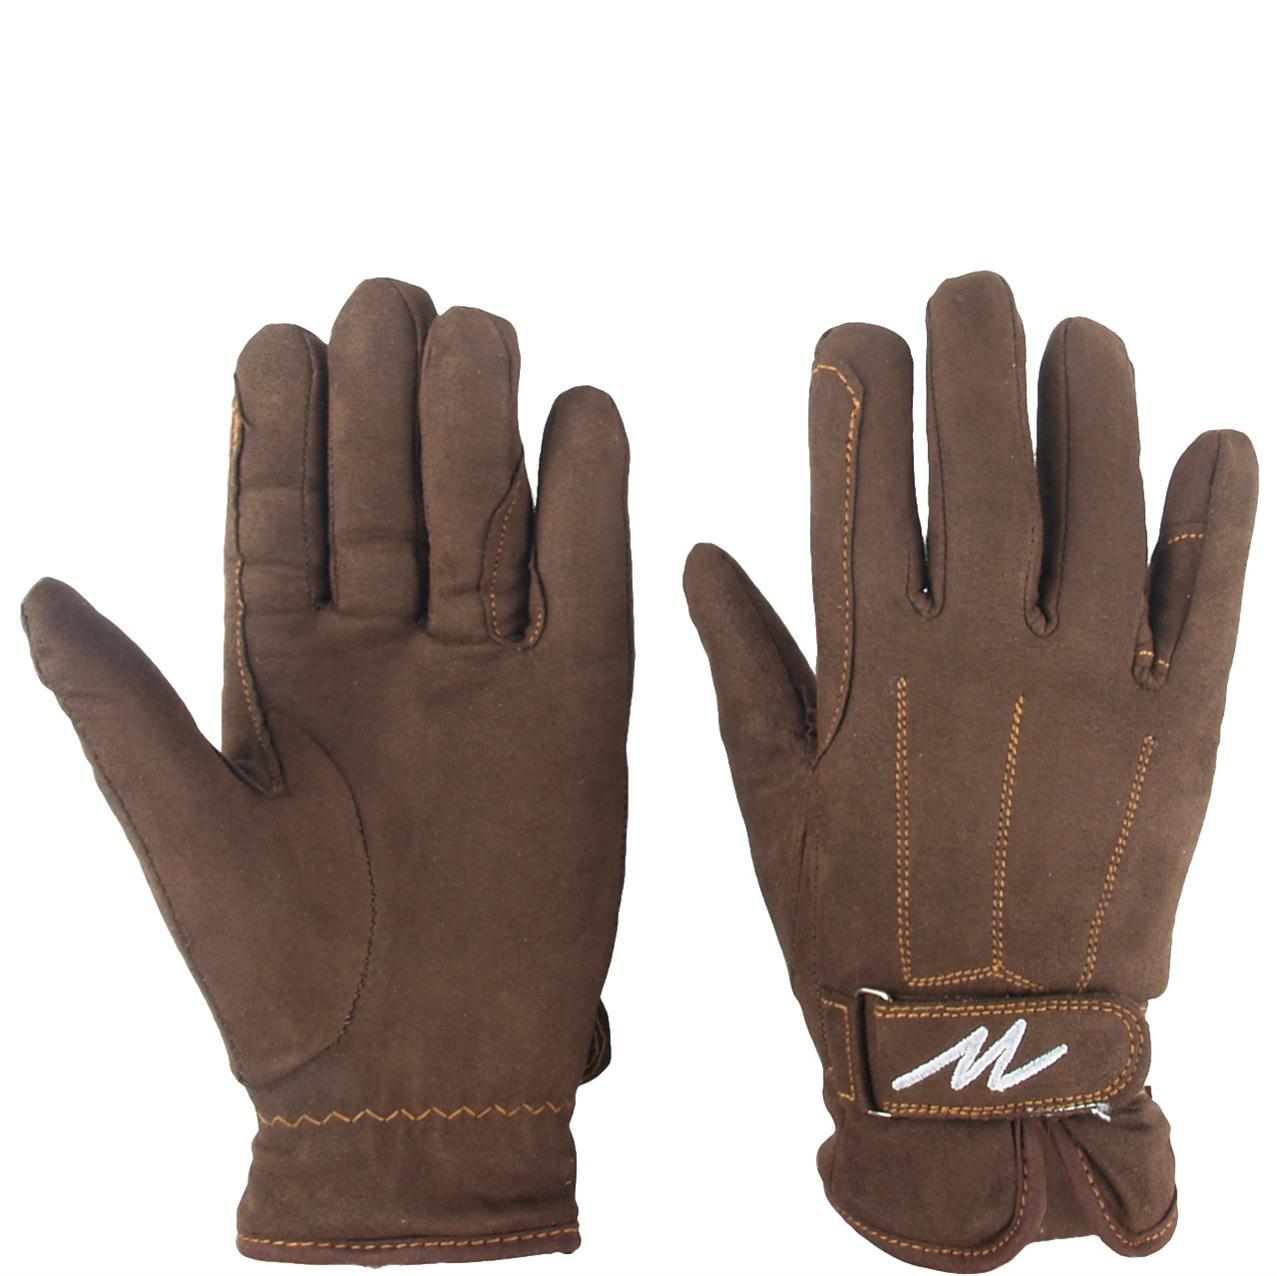 Mondoni Cruz handschoen winter bruin maat:10